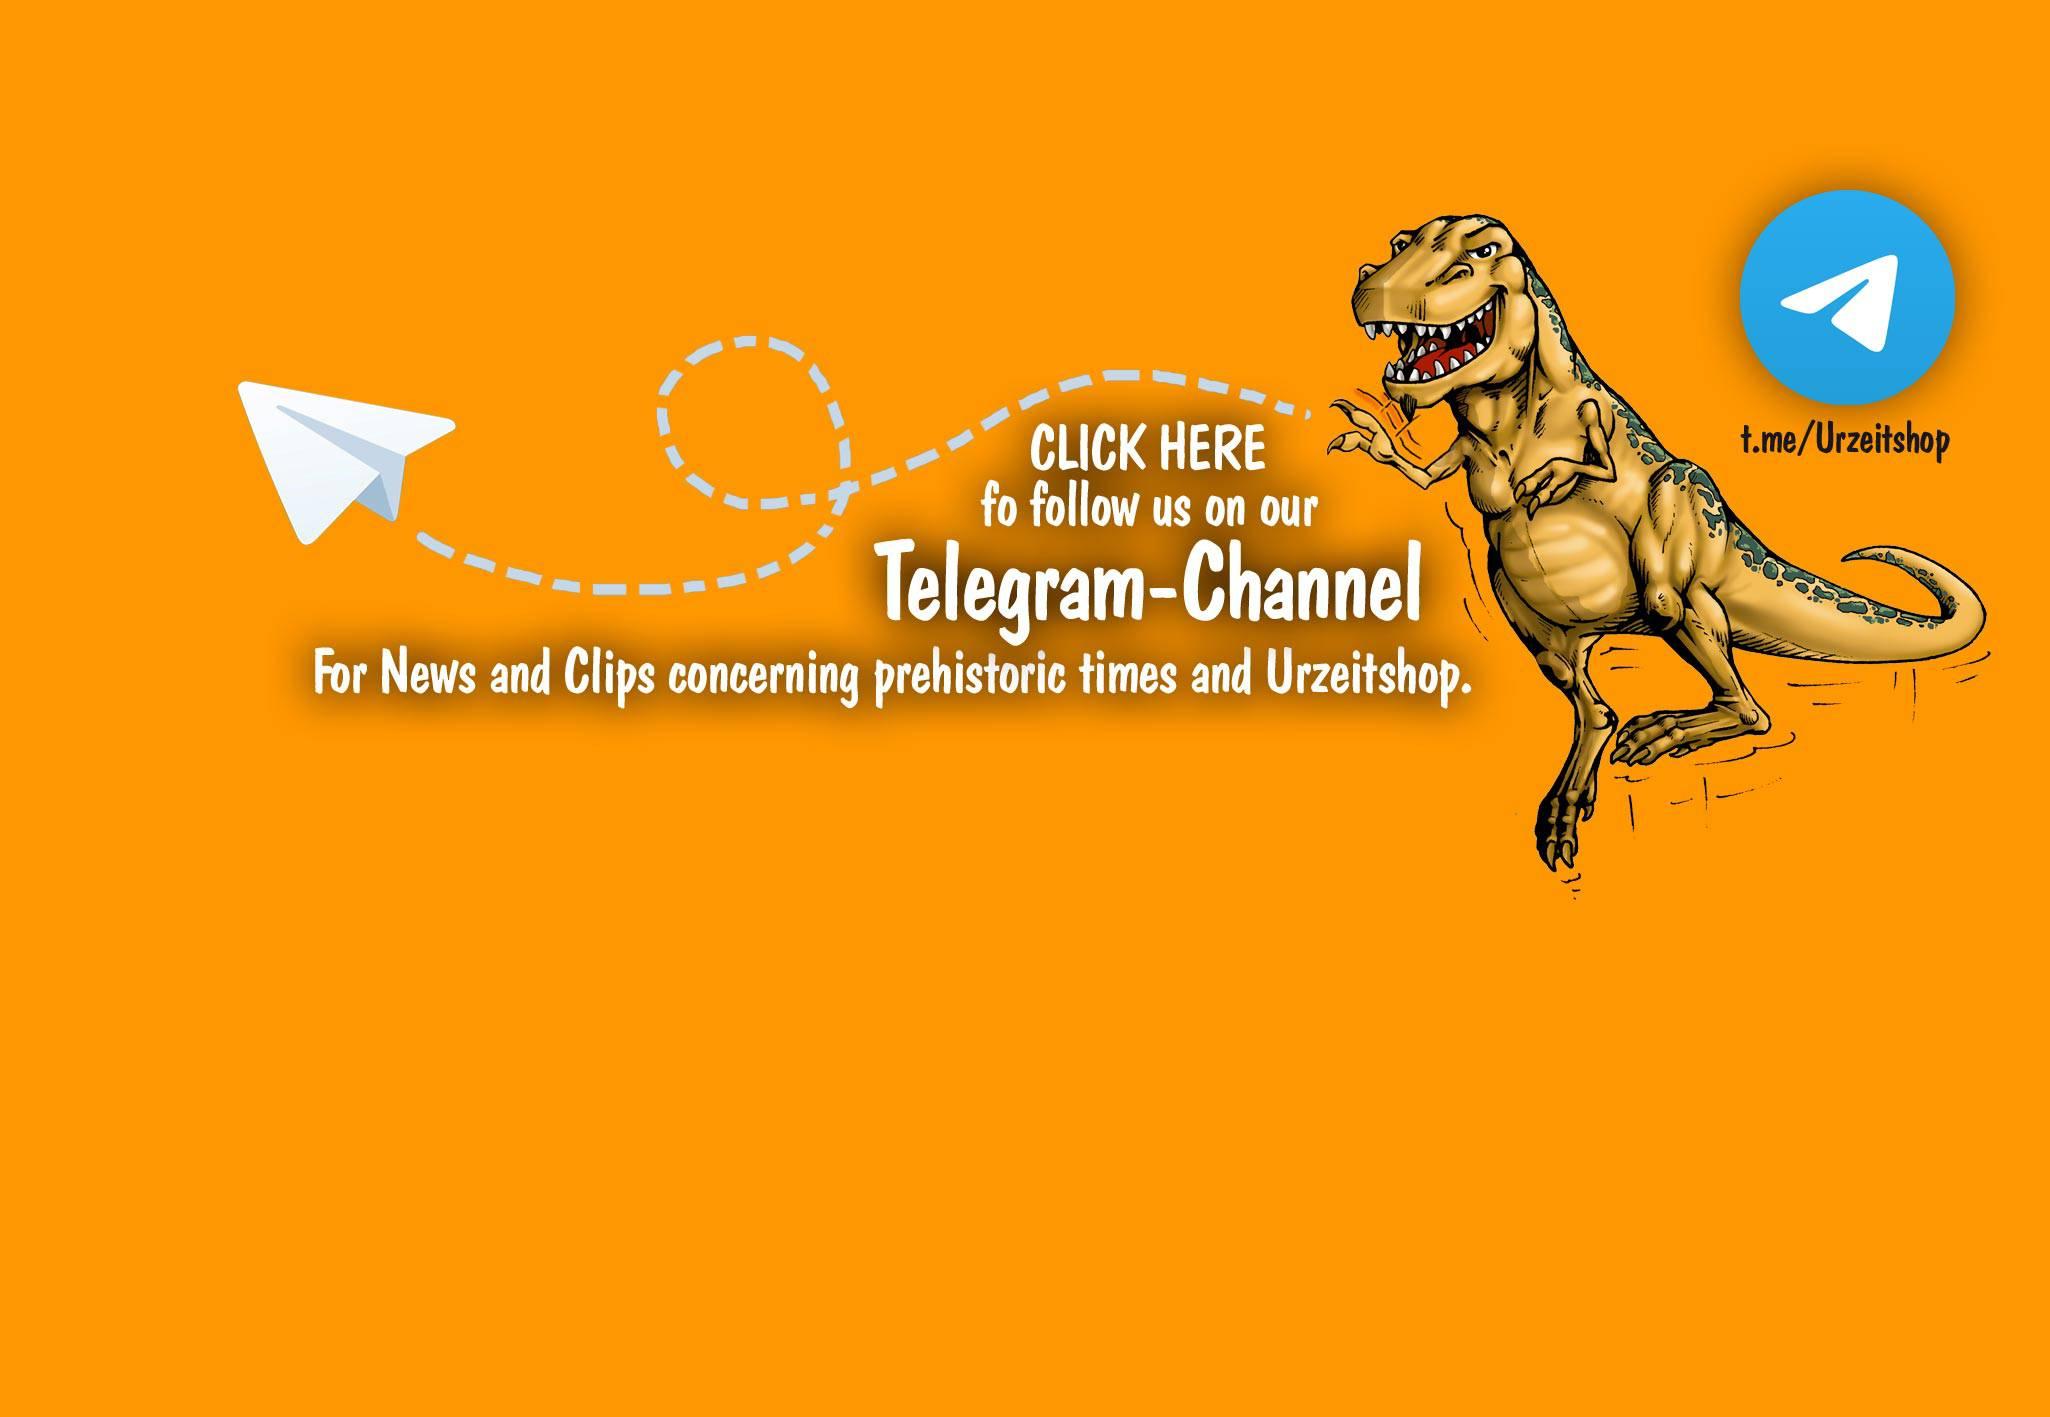 Urzeitshop's Telegram Channel